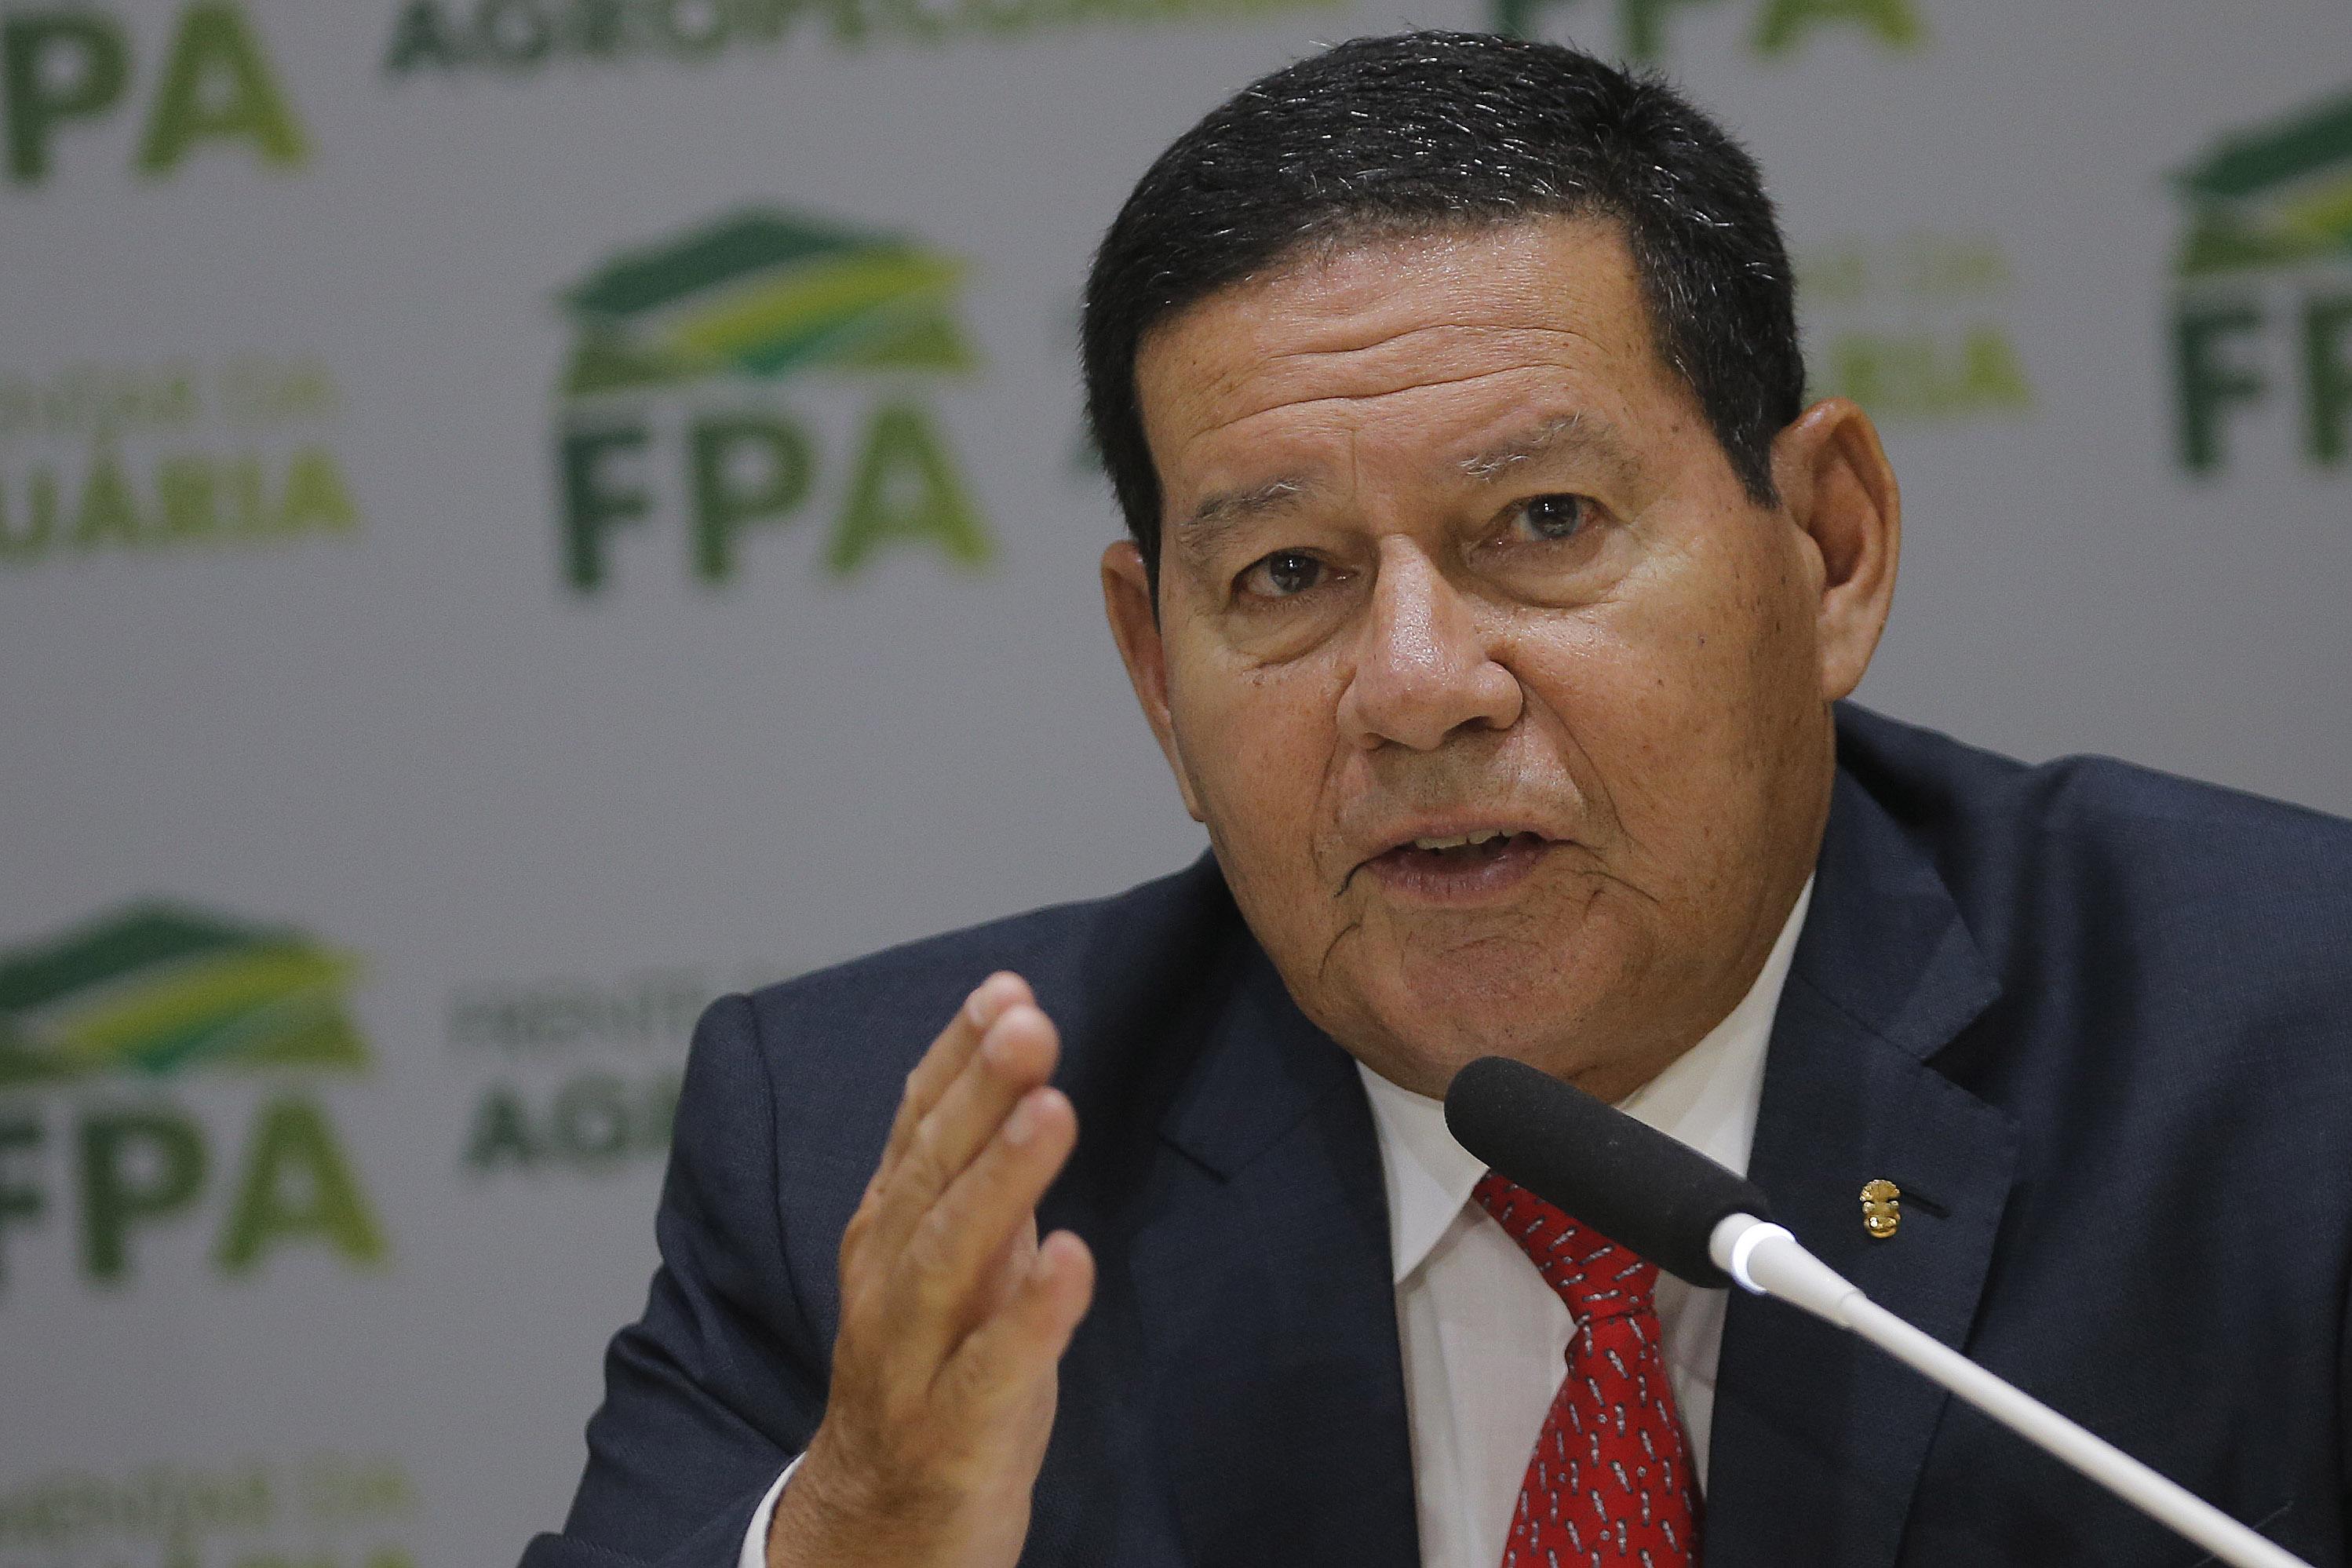 IMAGEM: 'País não suporta mais ser rotulado de vilão ambiental', diz Mourão